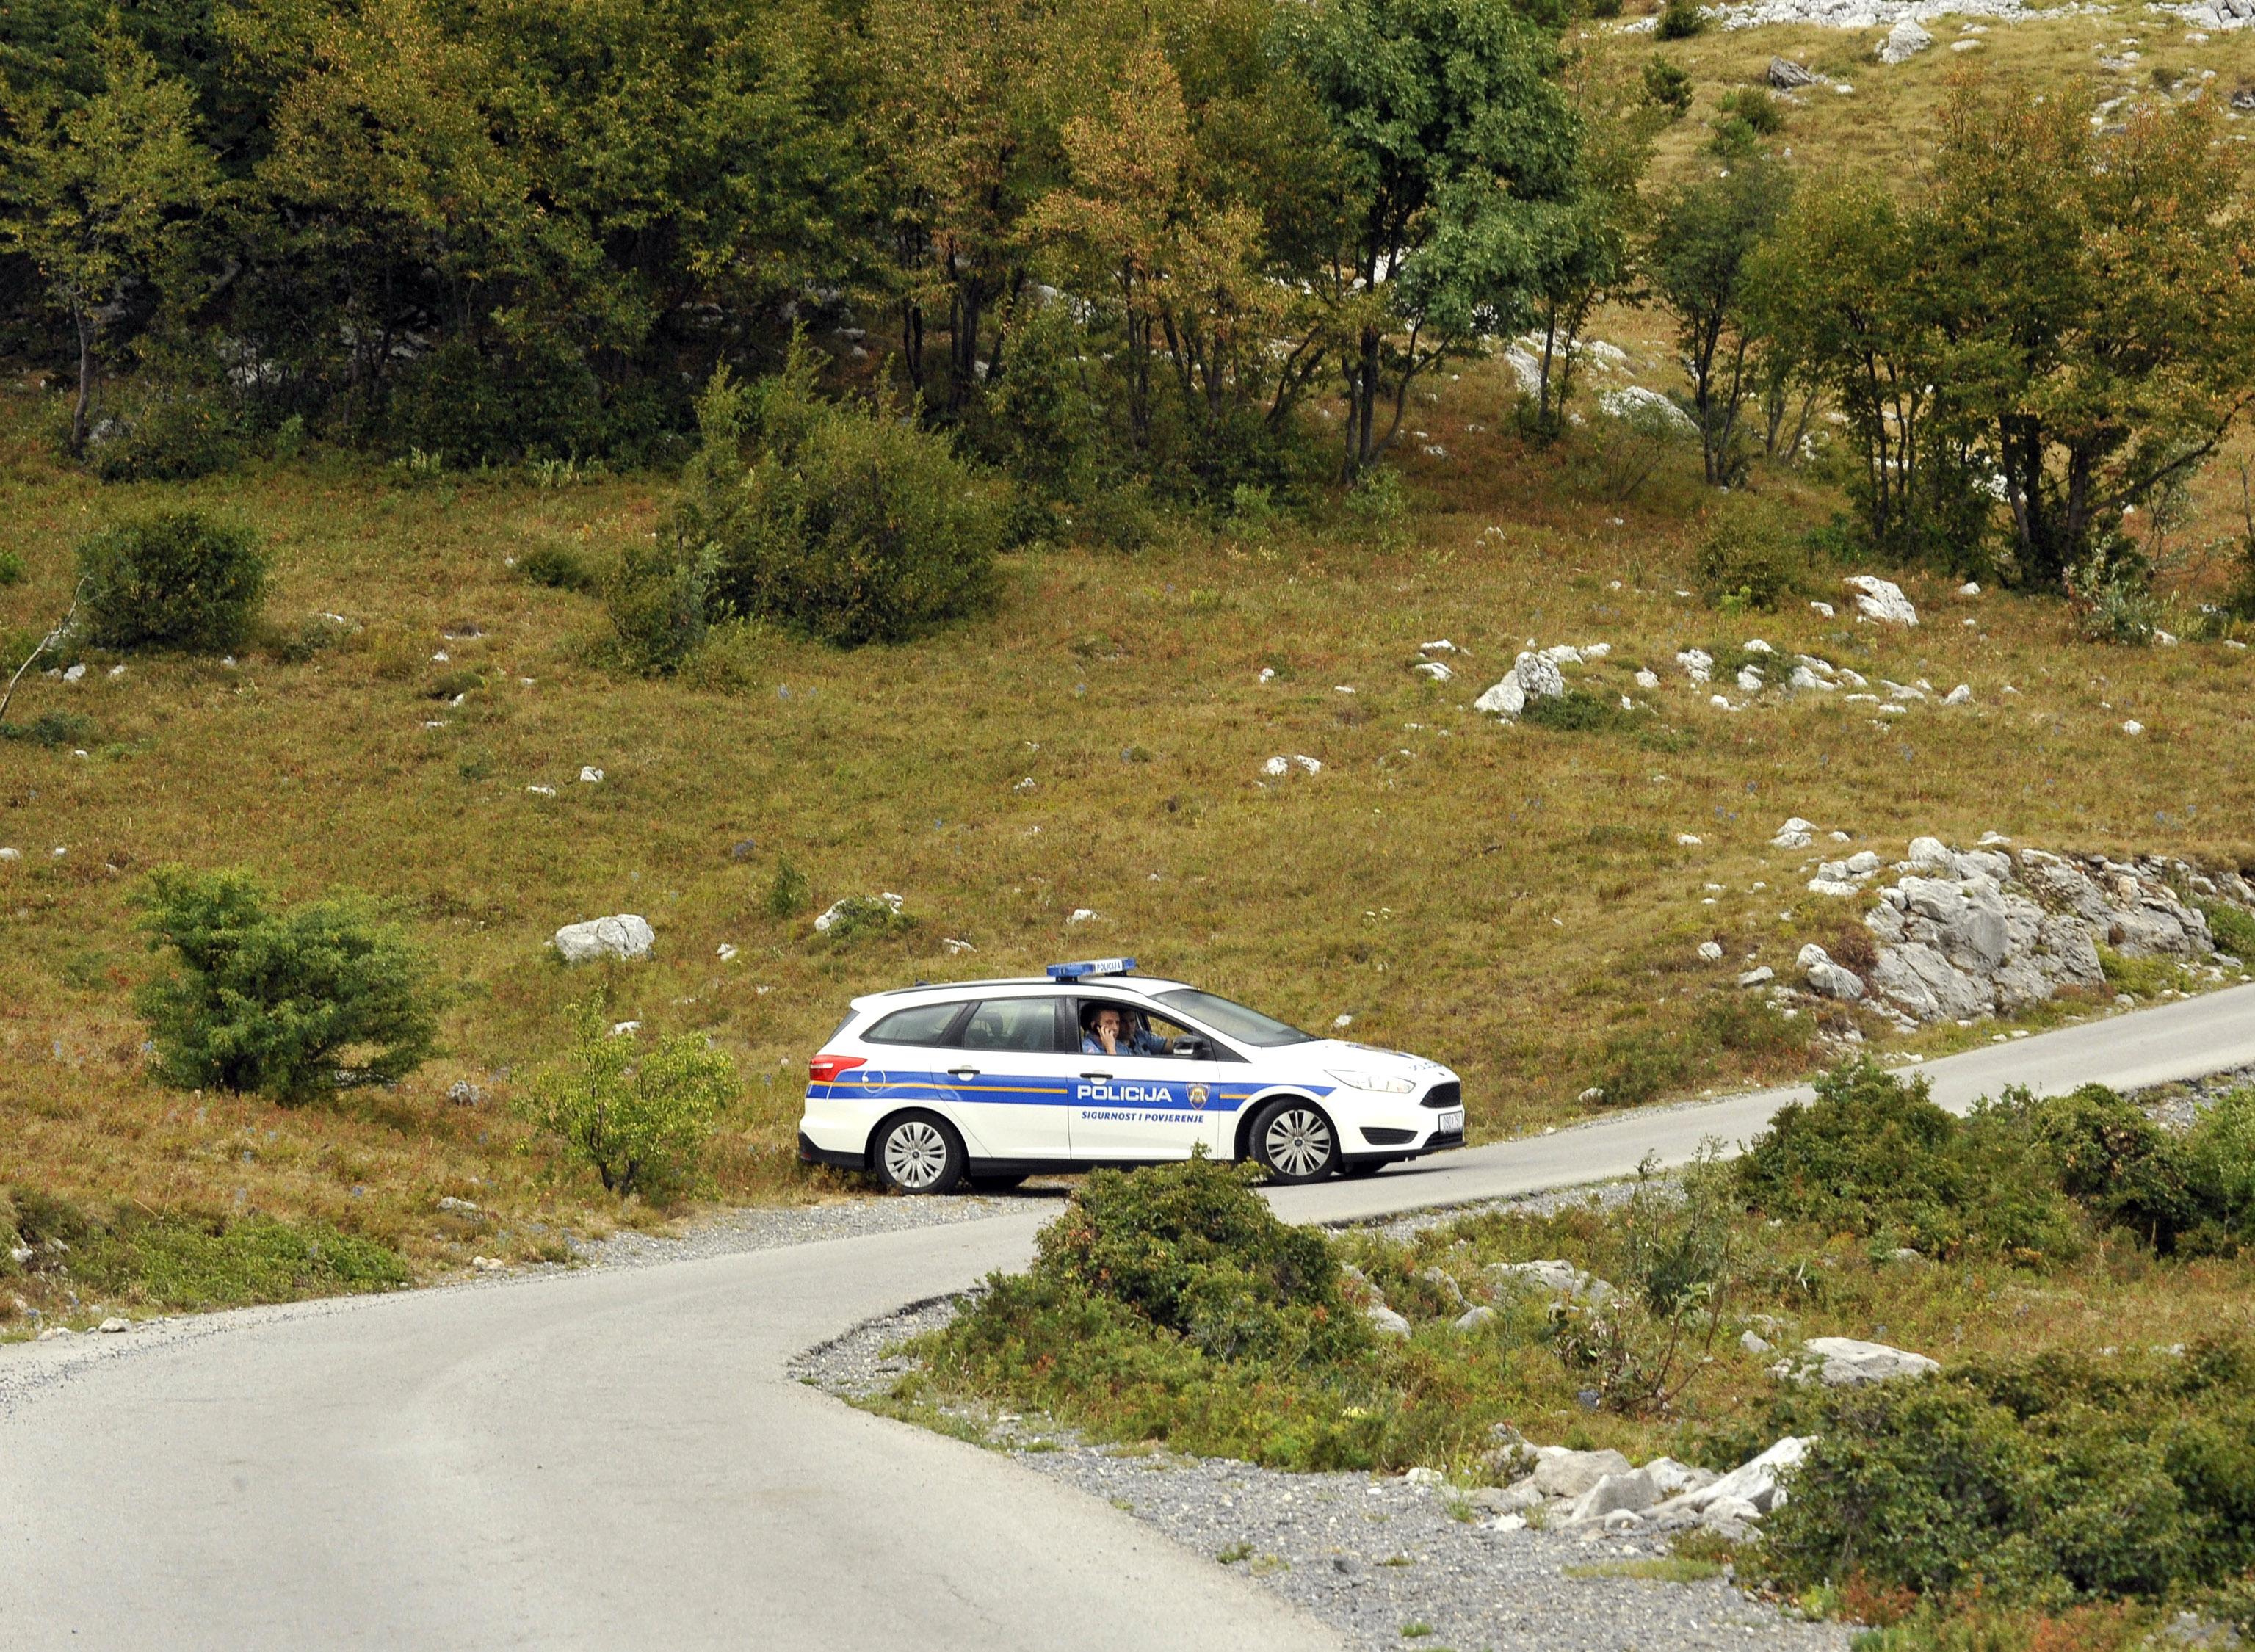 Policijske ophodnje / Foto S. Ježina